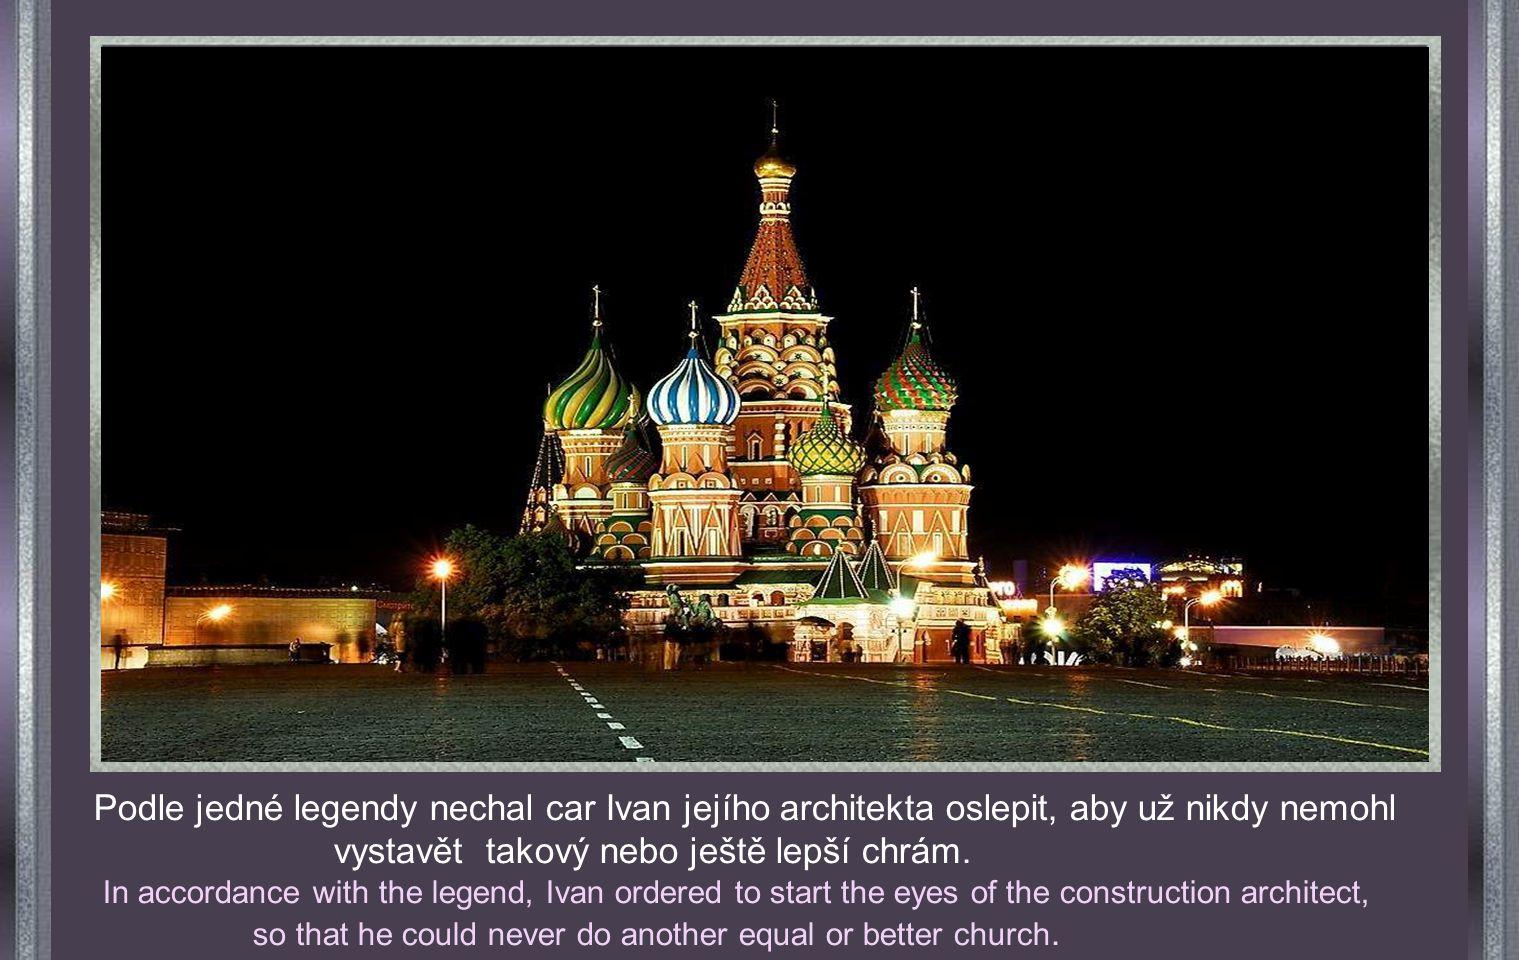 CATEDRAL DE SAN BASILIO MOSCU. Katedrála sv. Basila v Moskvě Byla zbudována v r. 1555 nařízením cara Ivana Hrozného. Je perlou světové architektury Co